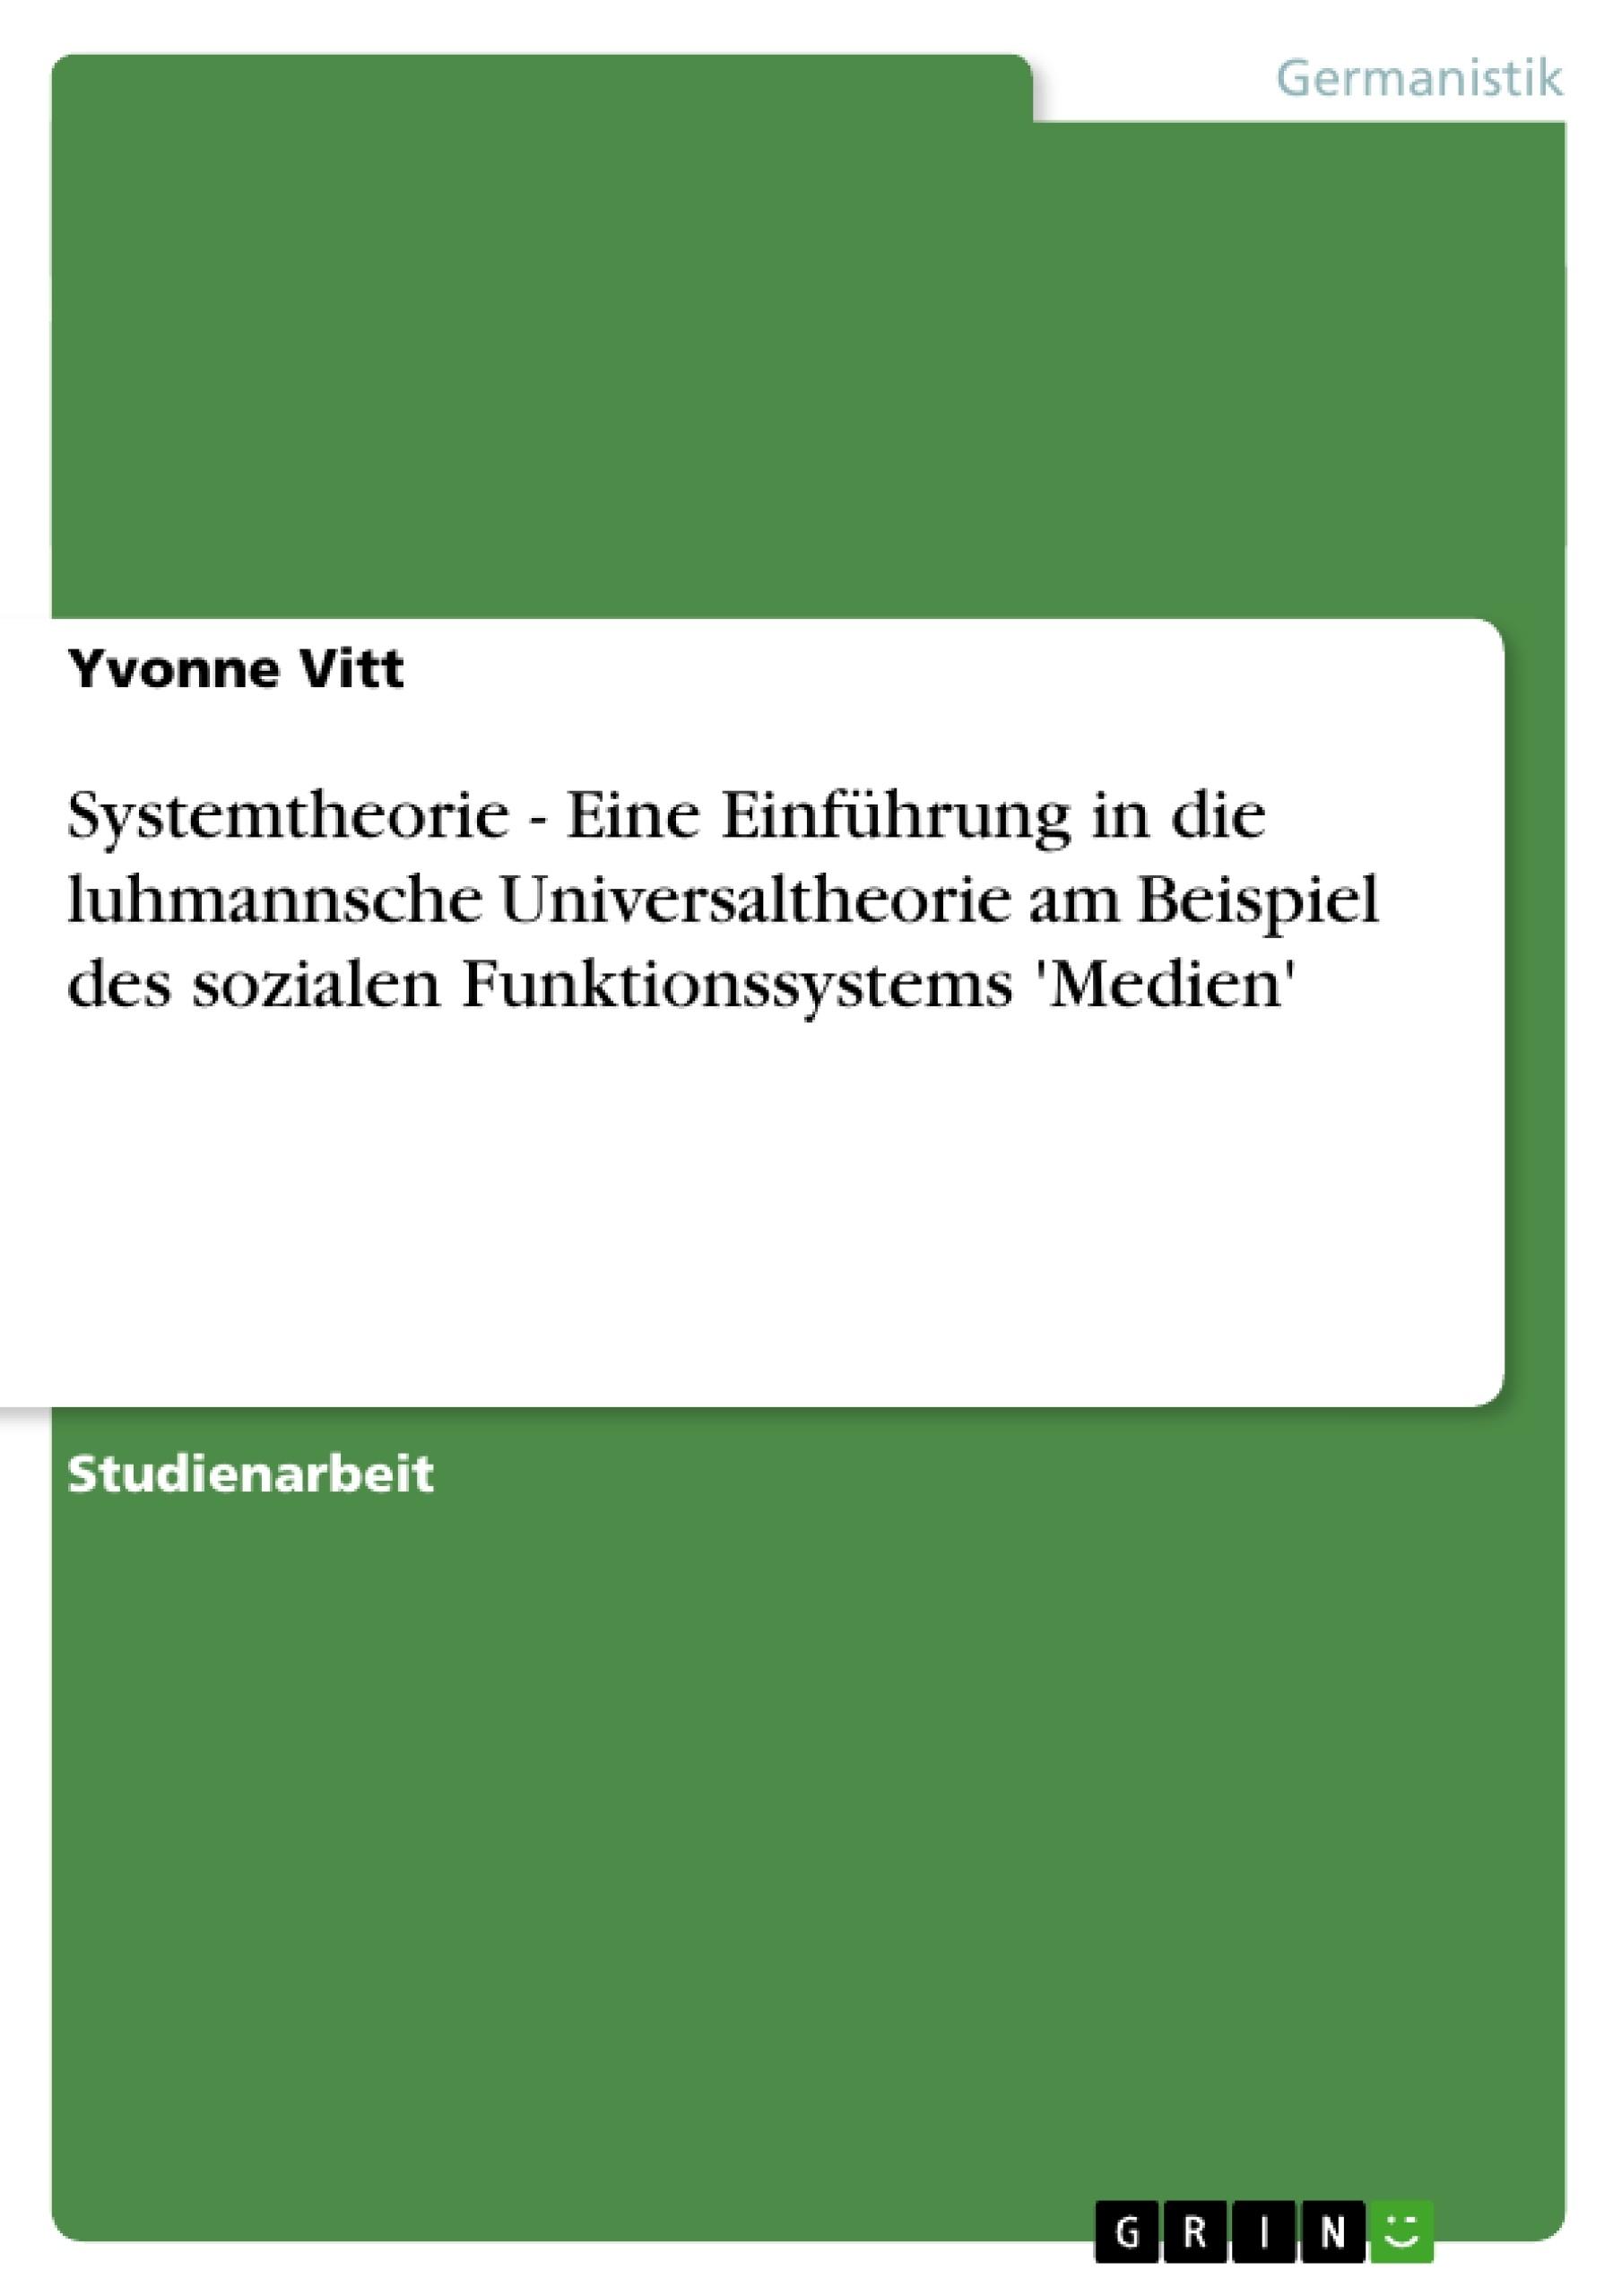 Titel: Systemtheorie - Eine Einführung in die luhmannsche Universaltheorie am Beispiel des sozialen Funktionssystems 'Medien'